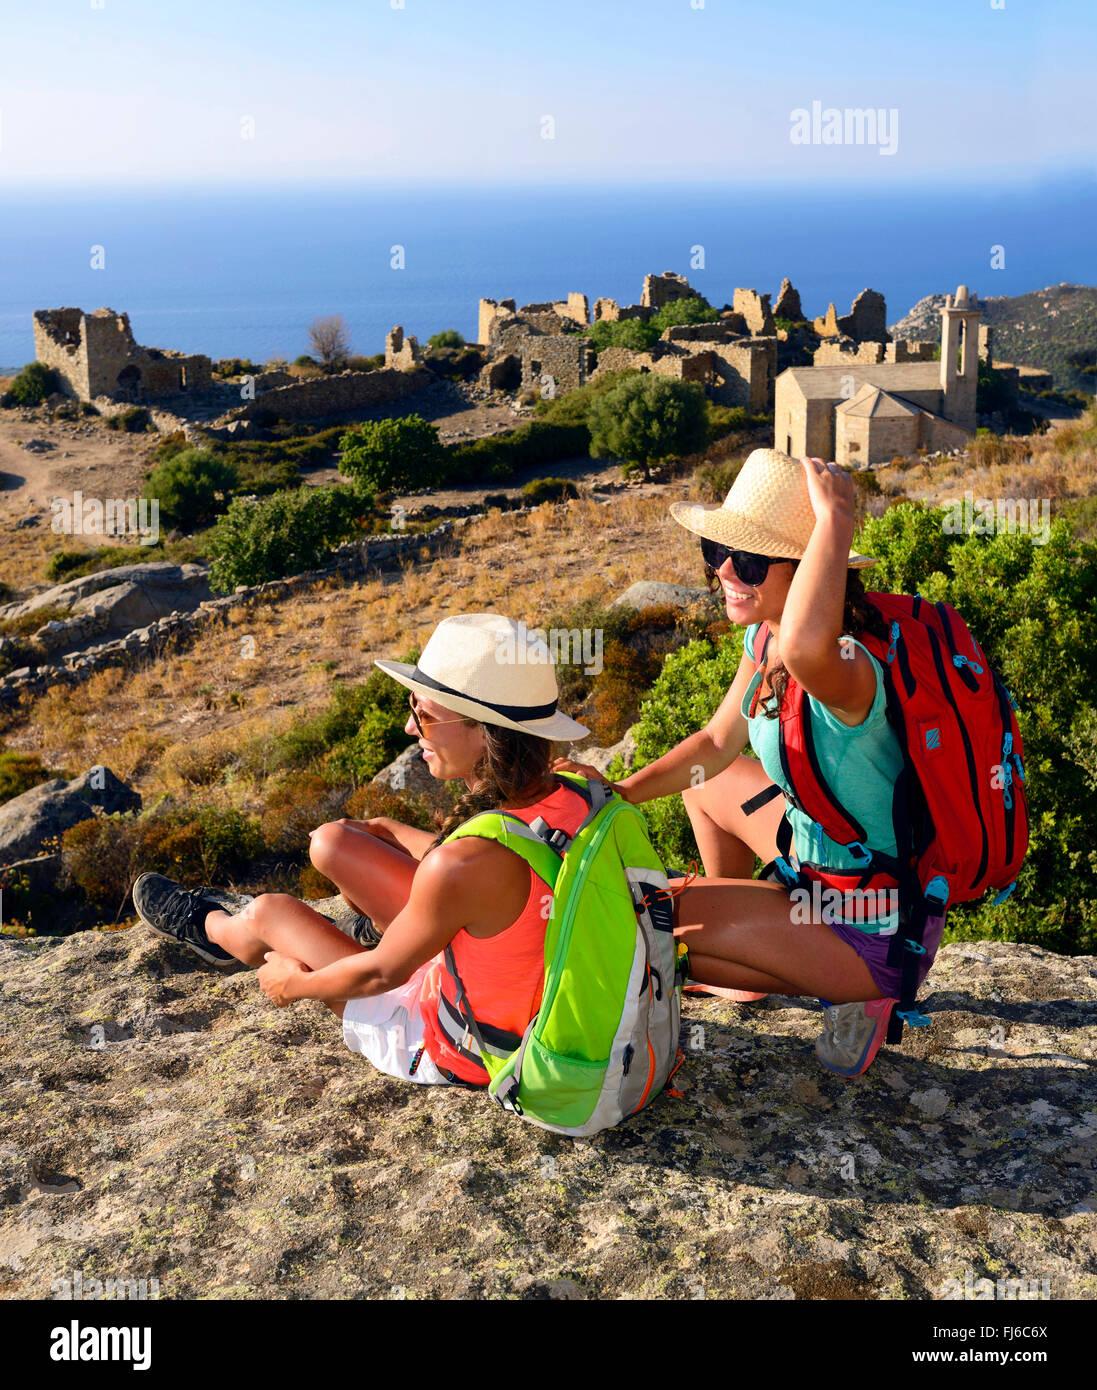 zwei weibliche Wanderer eine Pause, im Hintergrund die Wüstung Ruinen von Occi, Frankreich, Korsika Stockbild